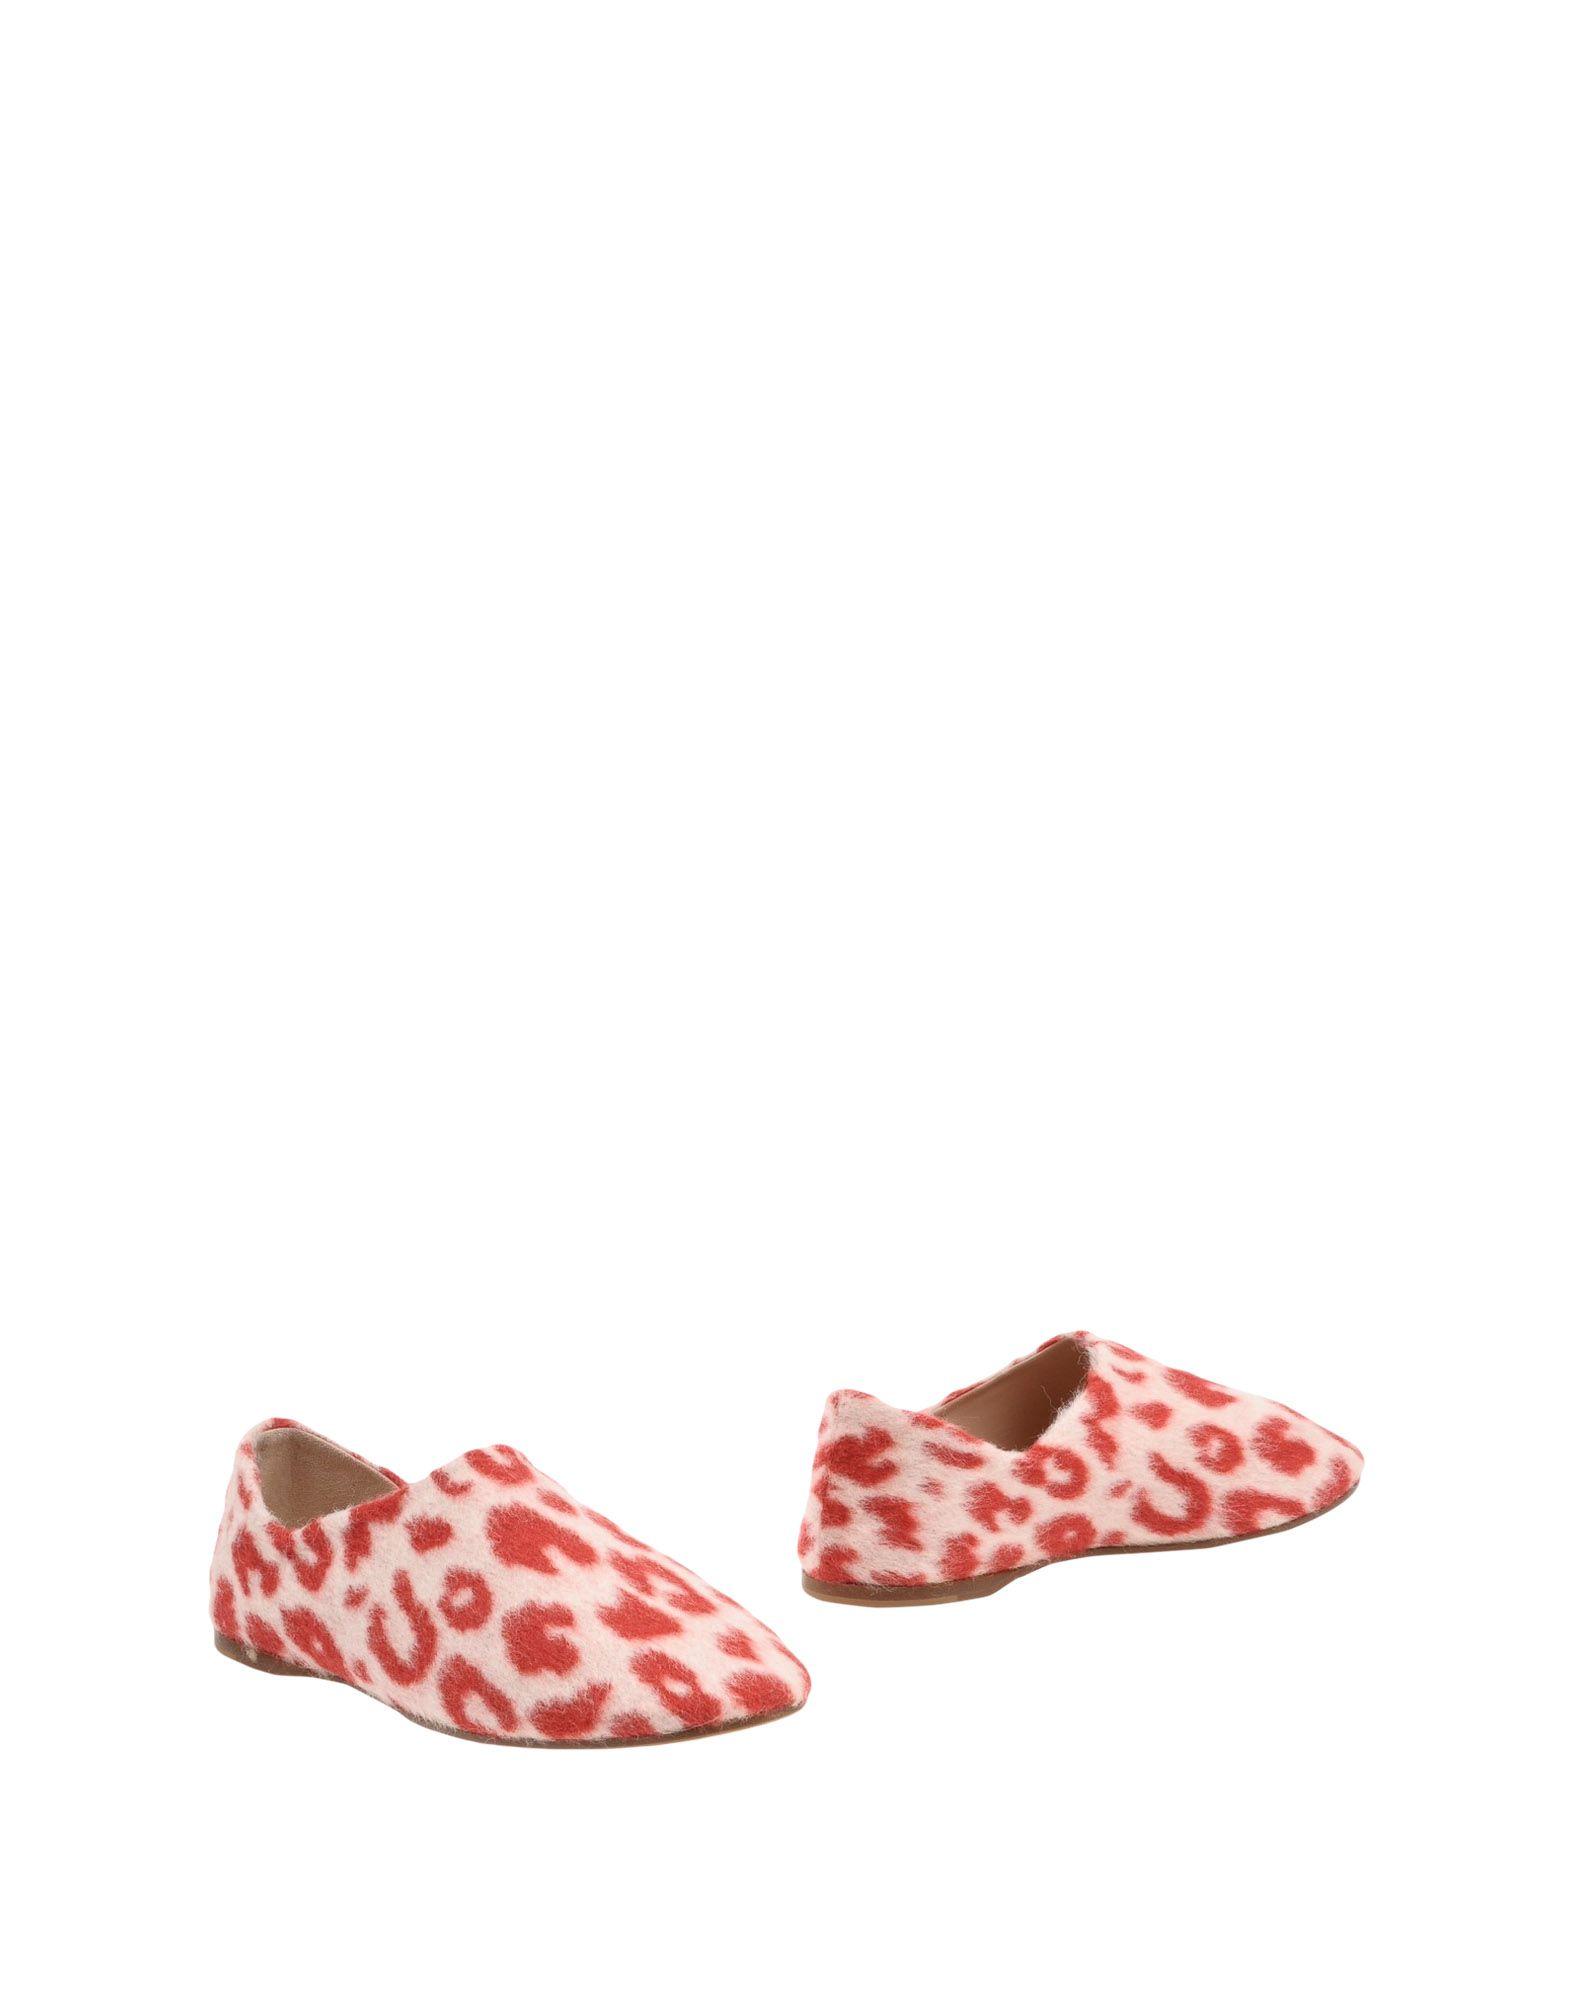 Acne Studios Stiefelette Damen  11285721WVGut aussehende strapazierfähige Schuhe